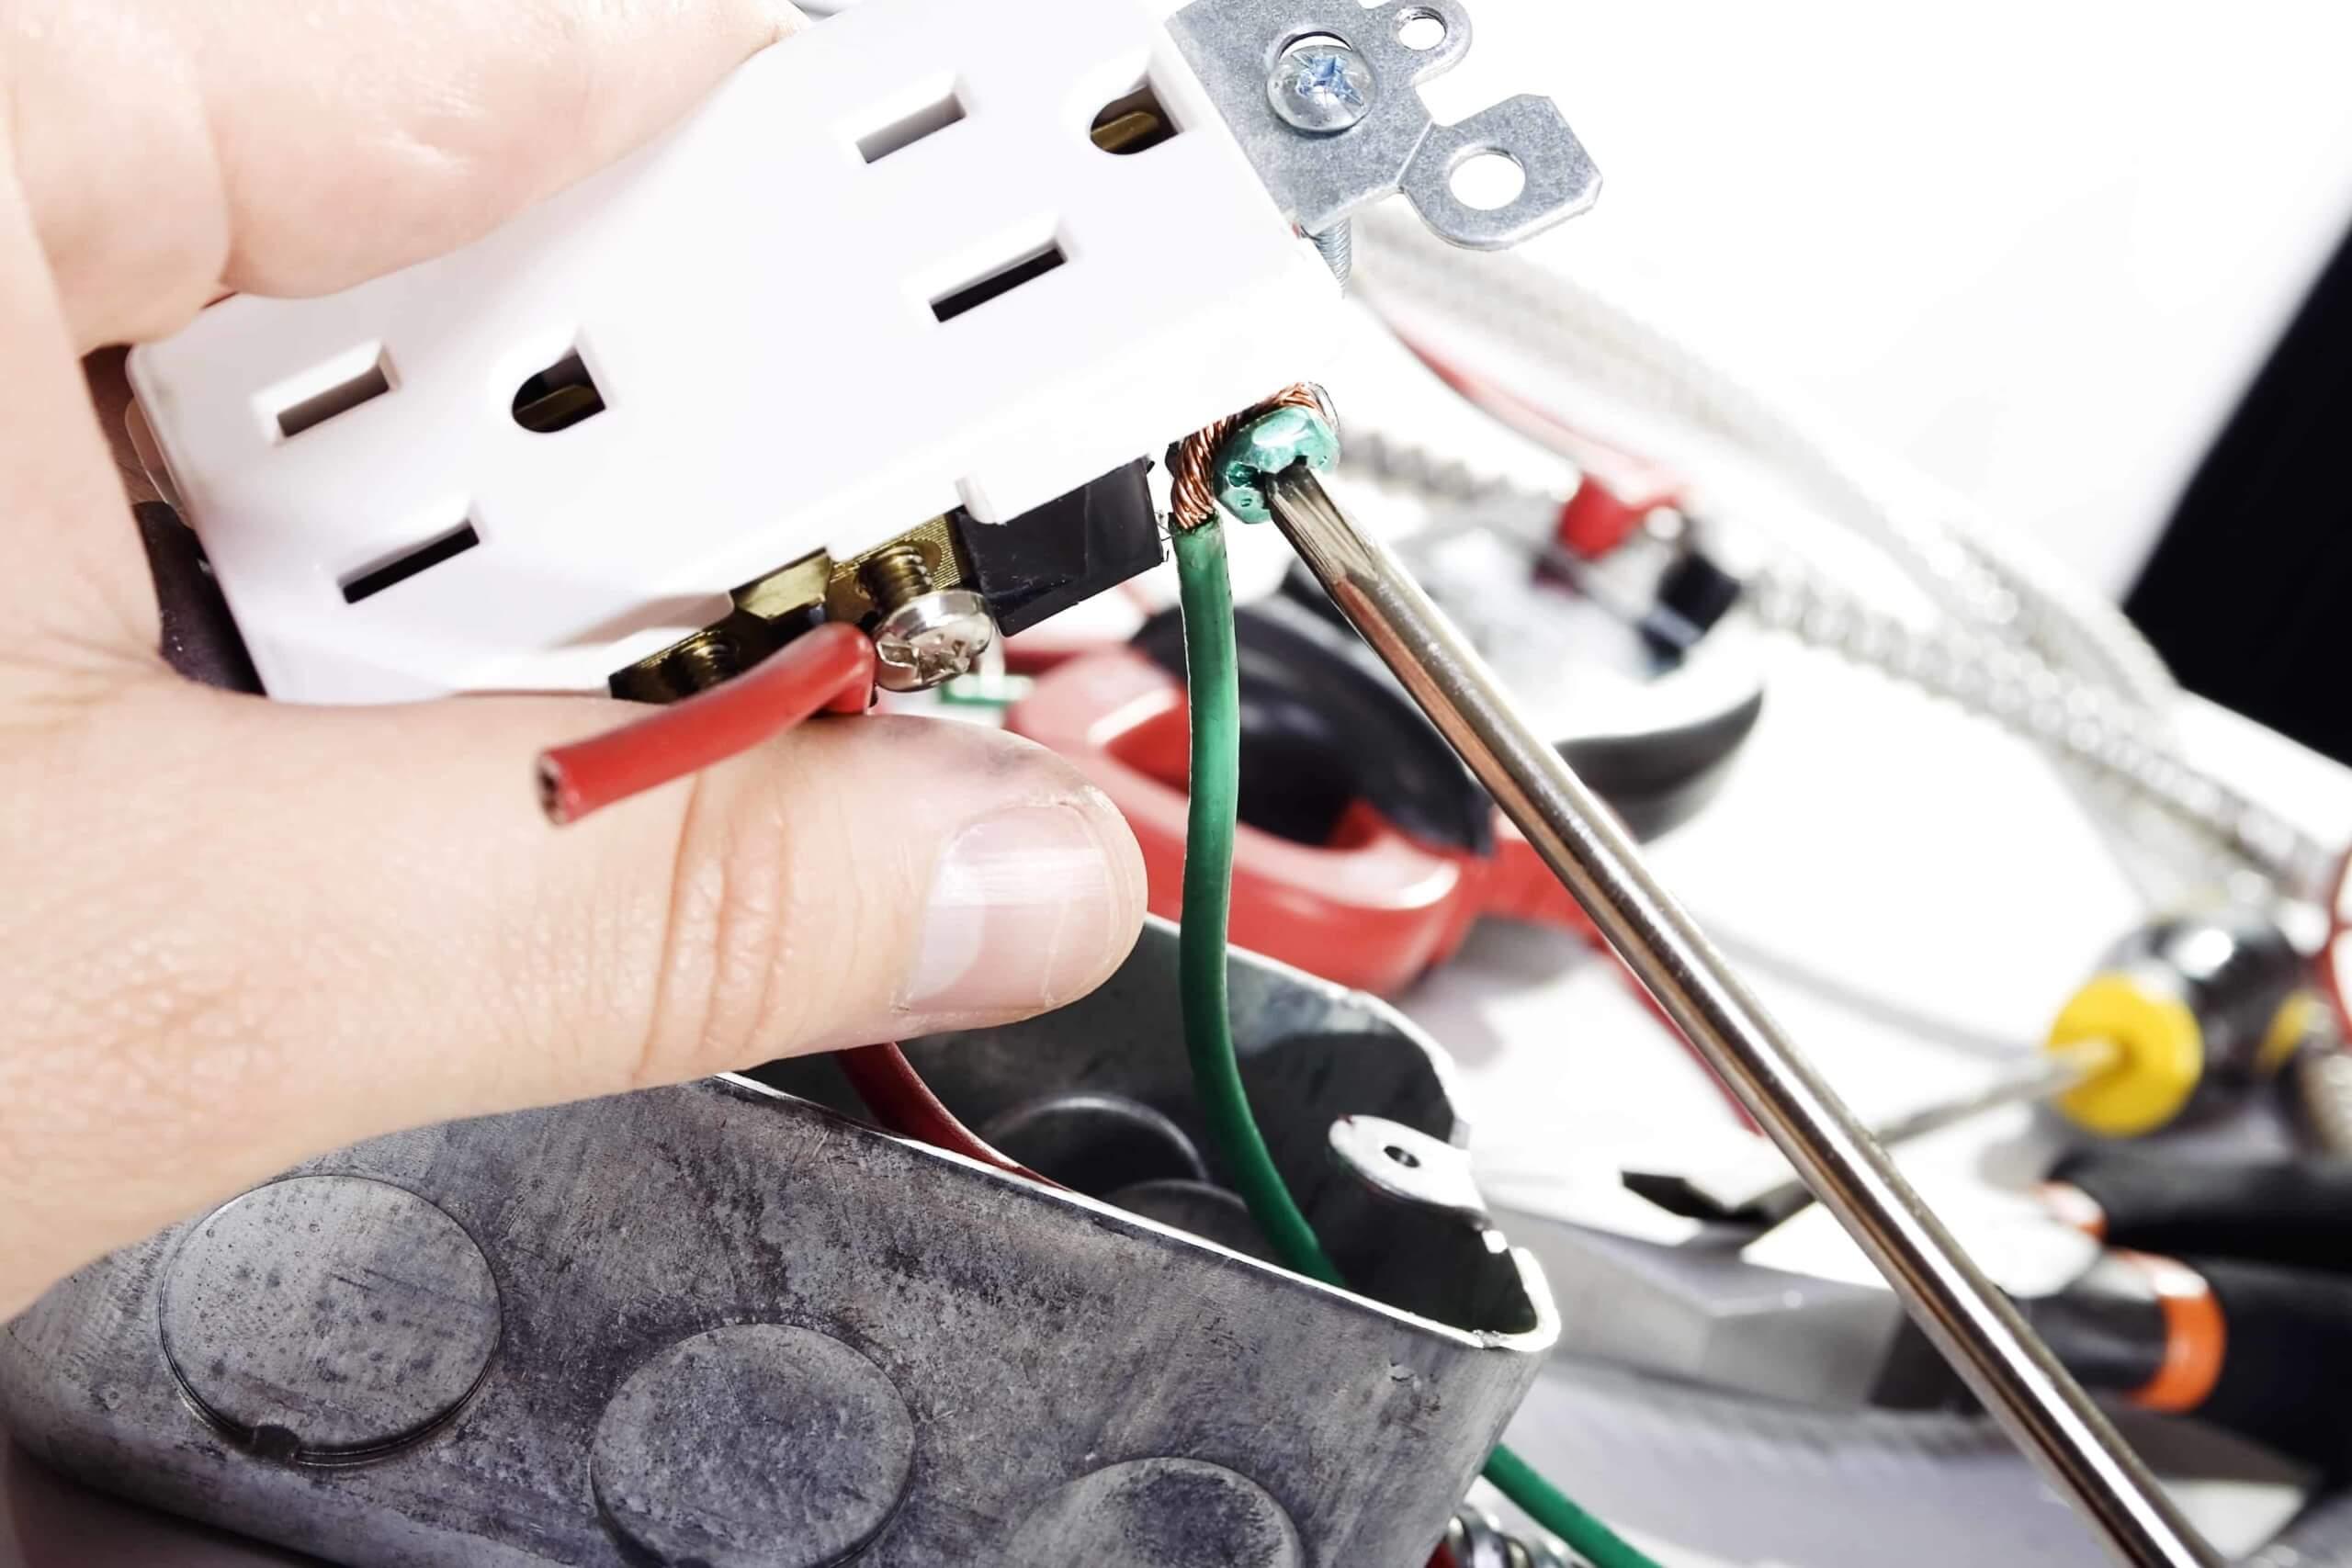 electrical rewiring in chelmsford, MA by Ryan Gath Electric